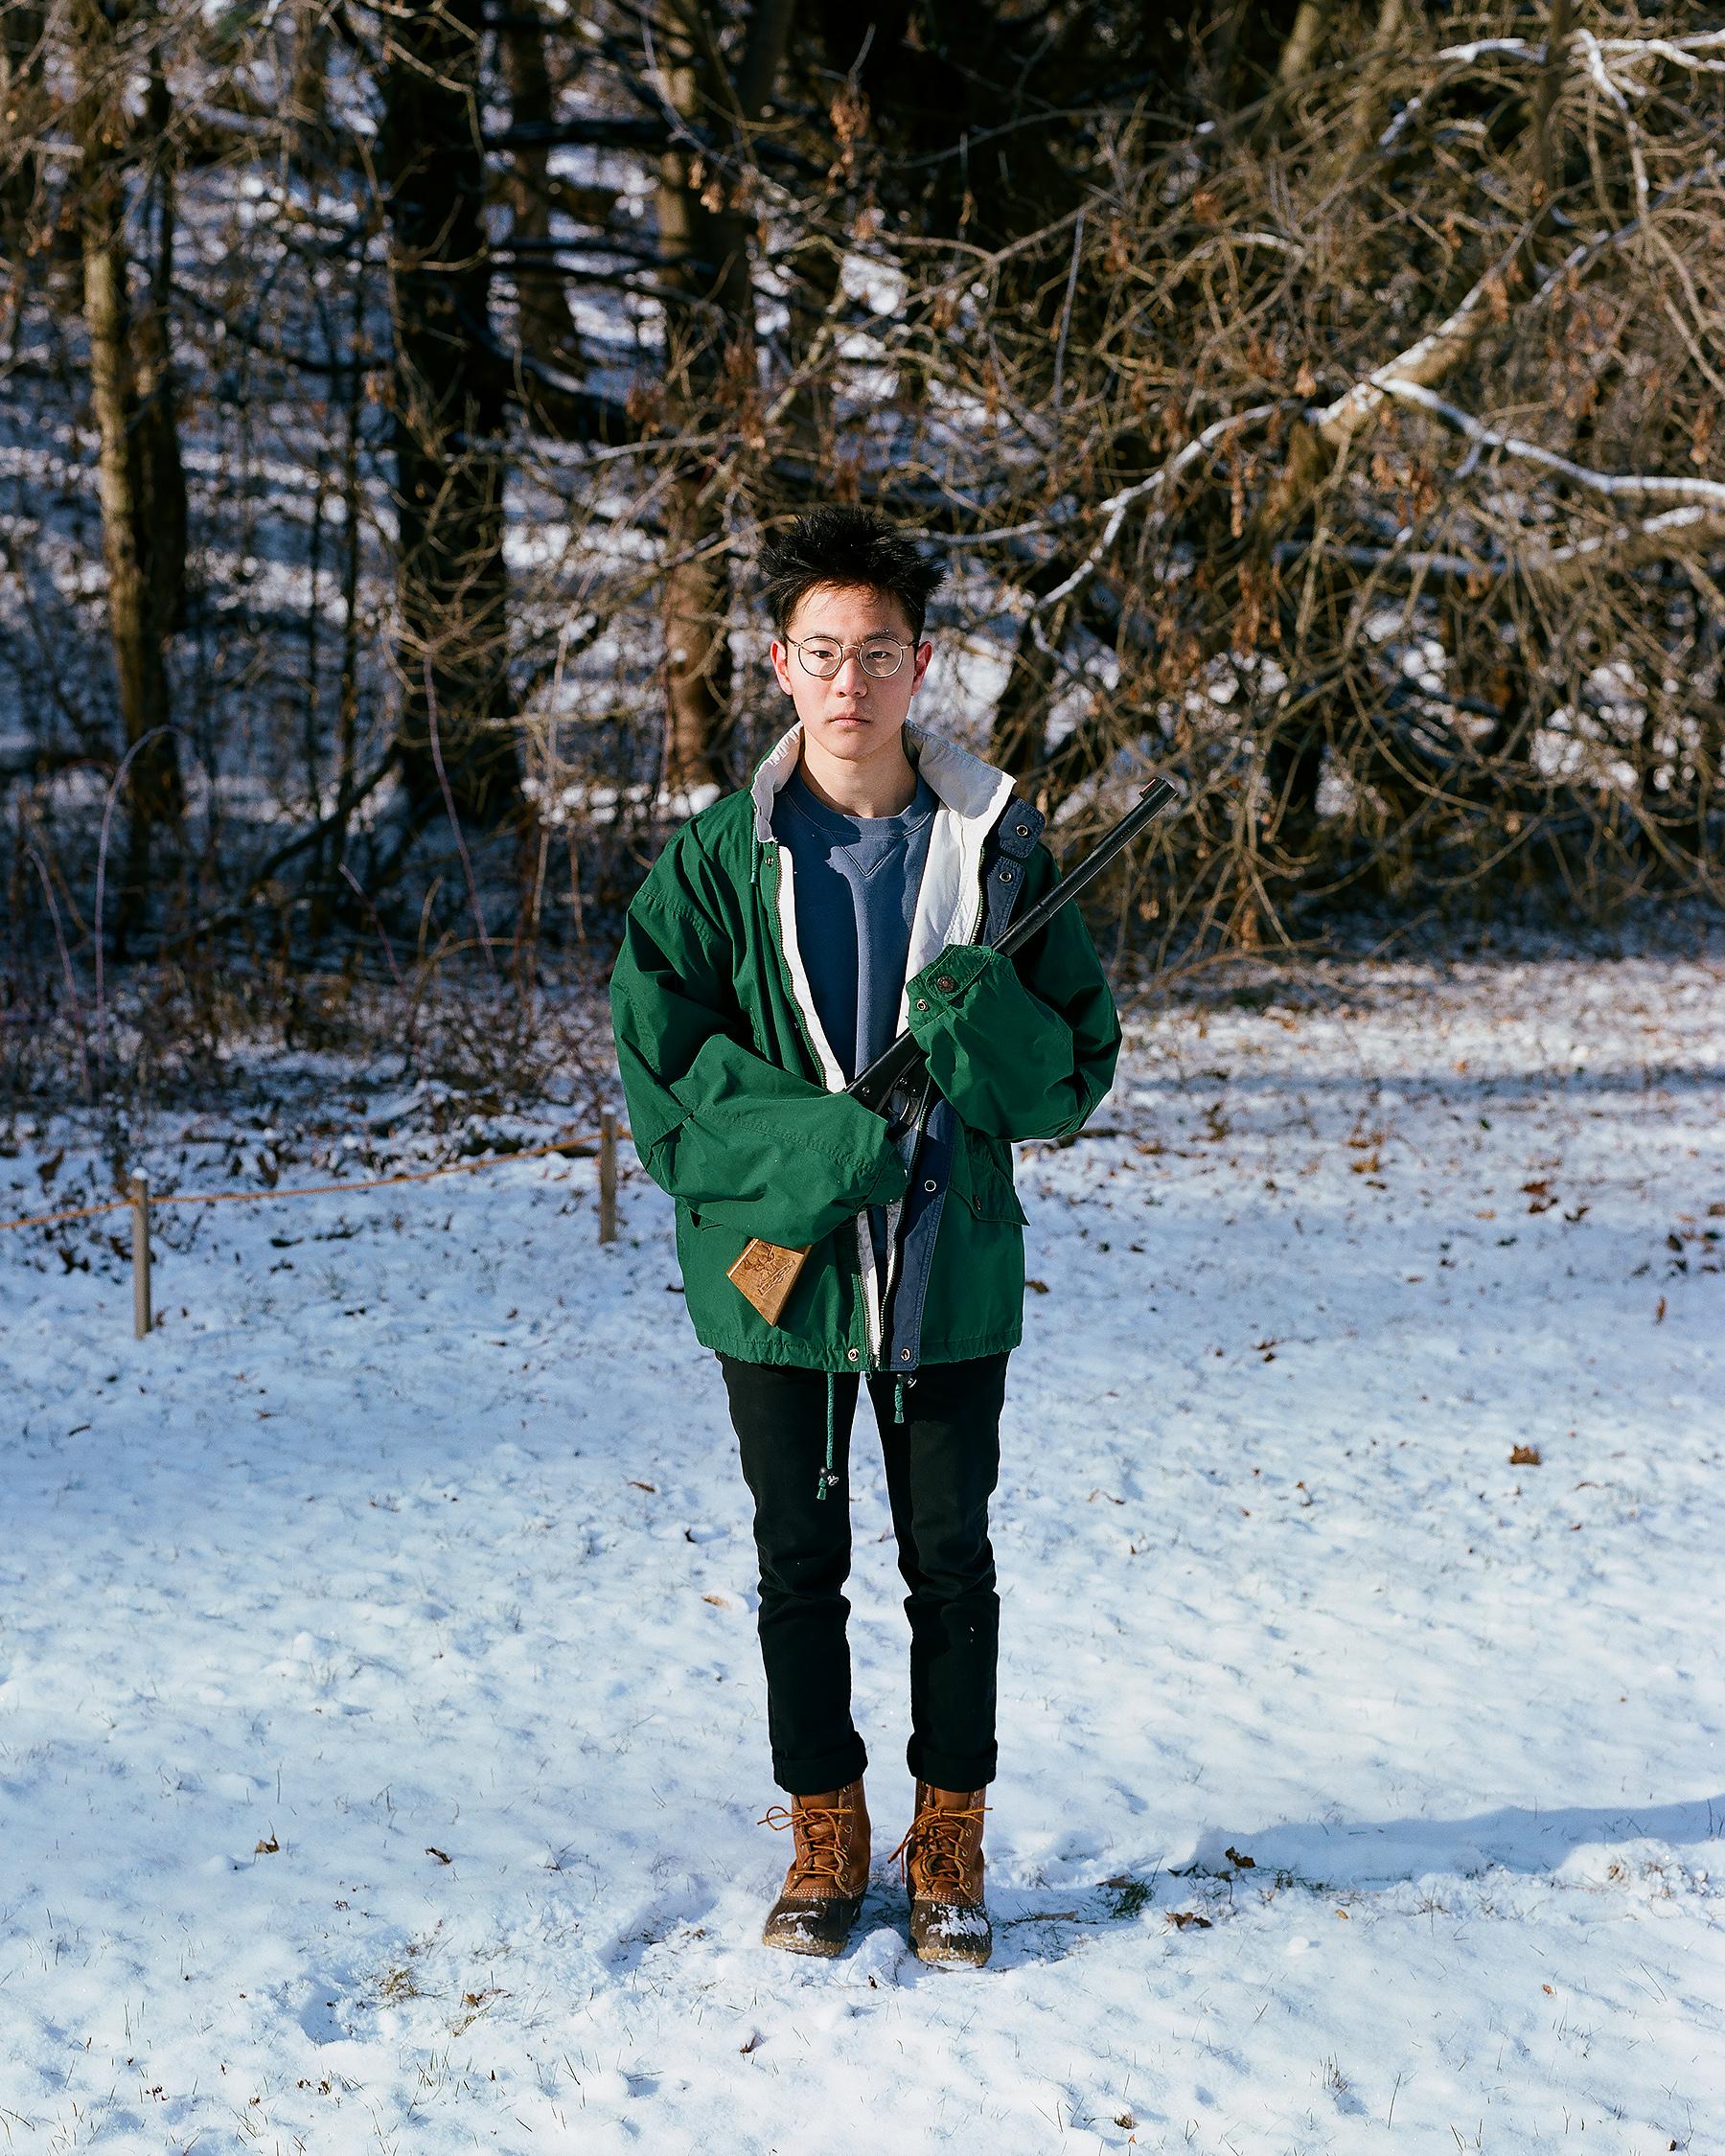 Me wearing Dad's coat holding my old bb gun